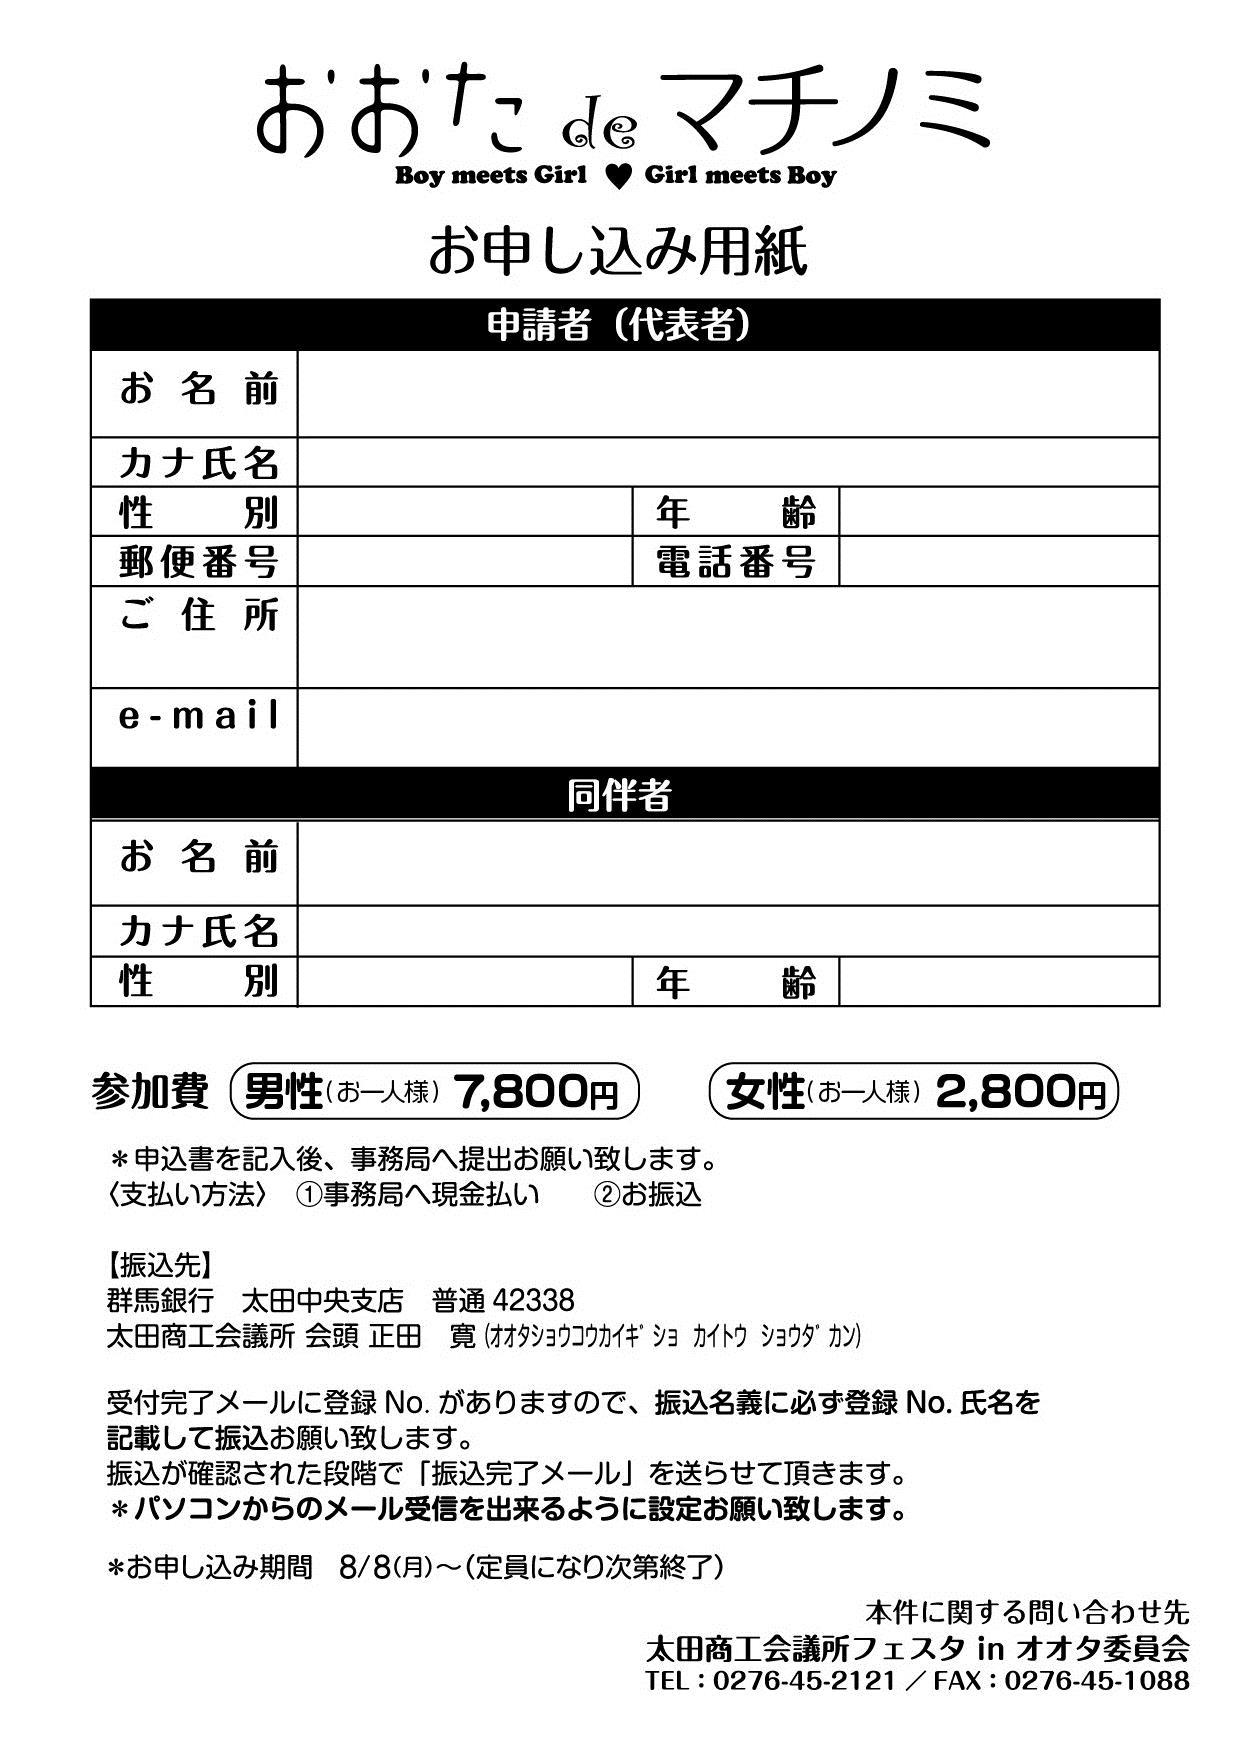 申込み用紙のイメージ